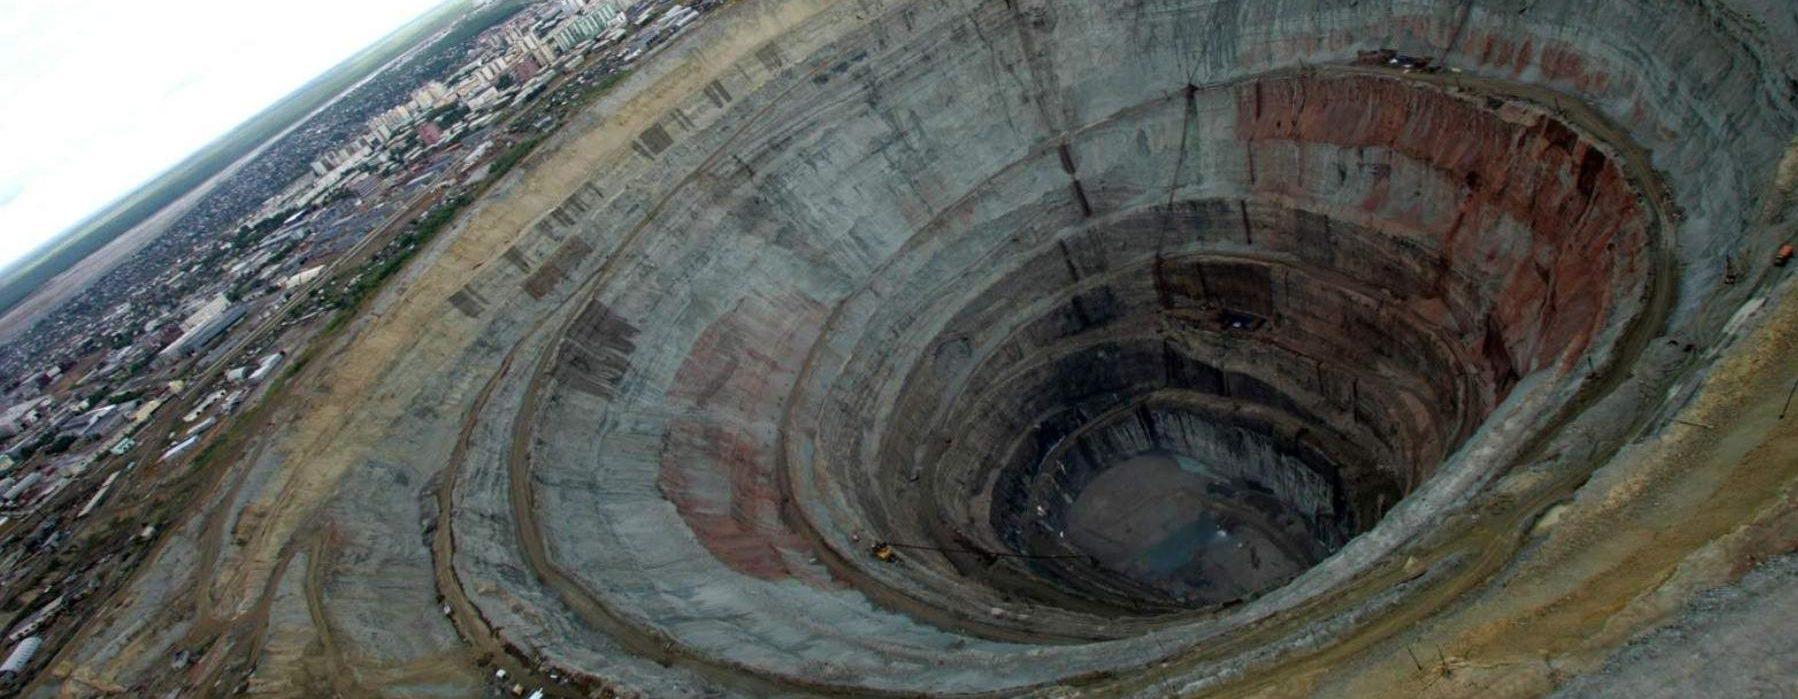 ¿Qué misterios esconde el pozo más profundo del planeta?